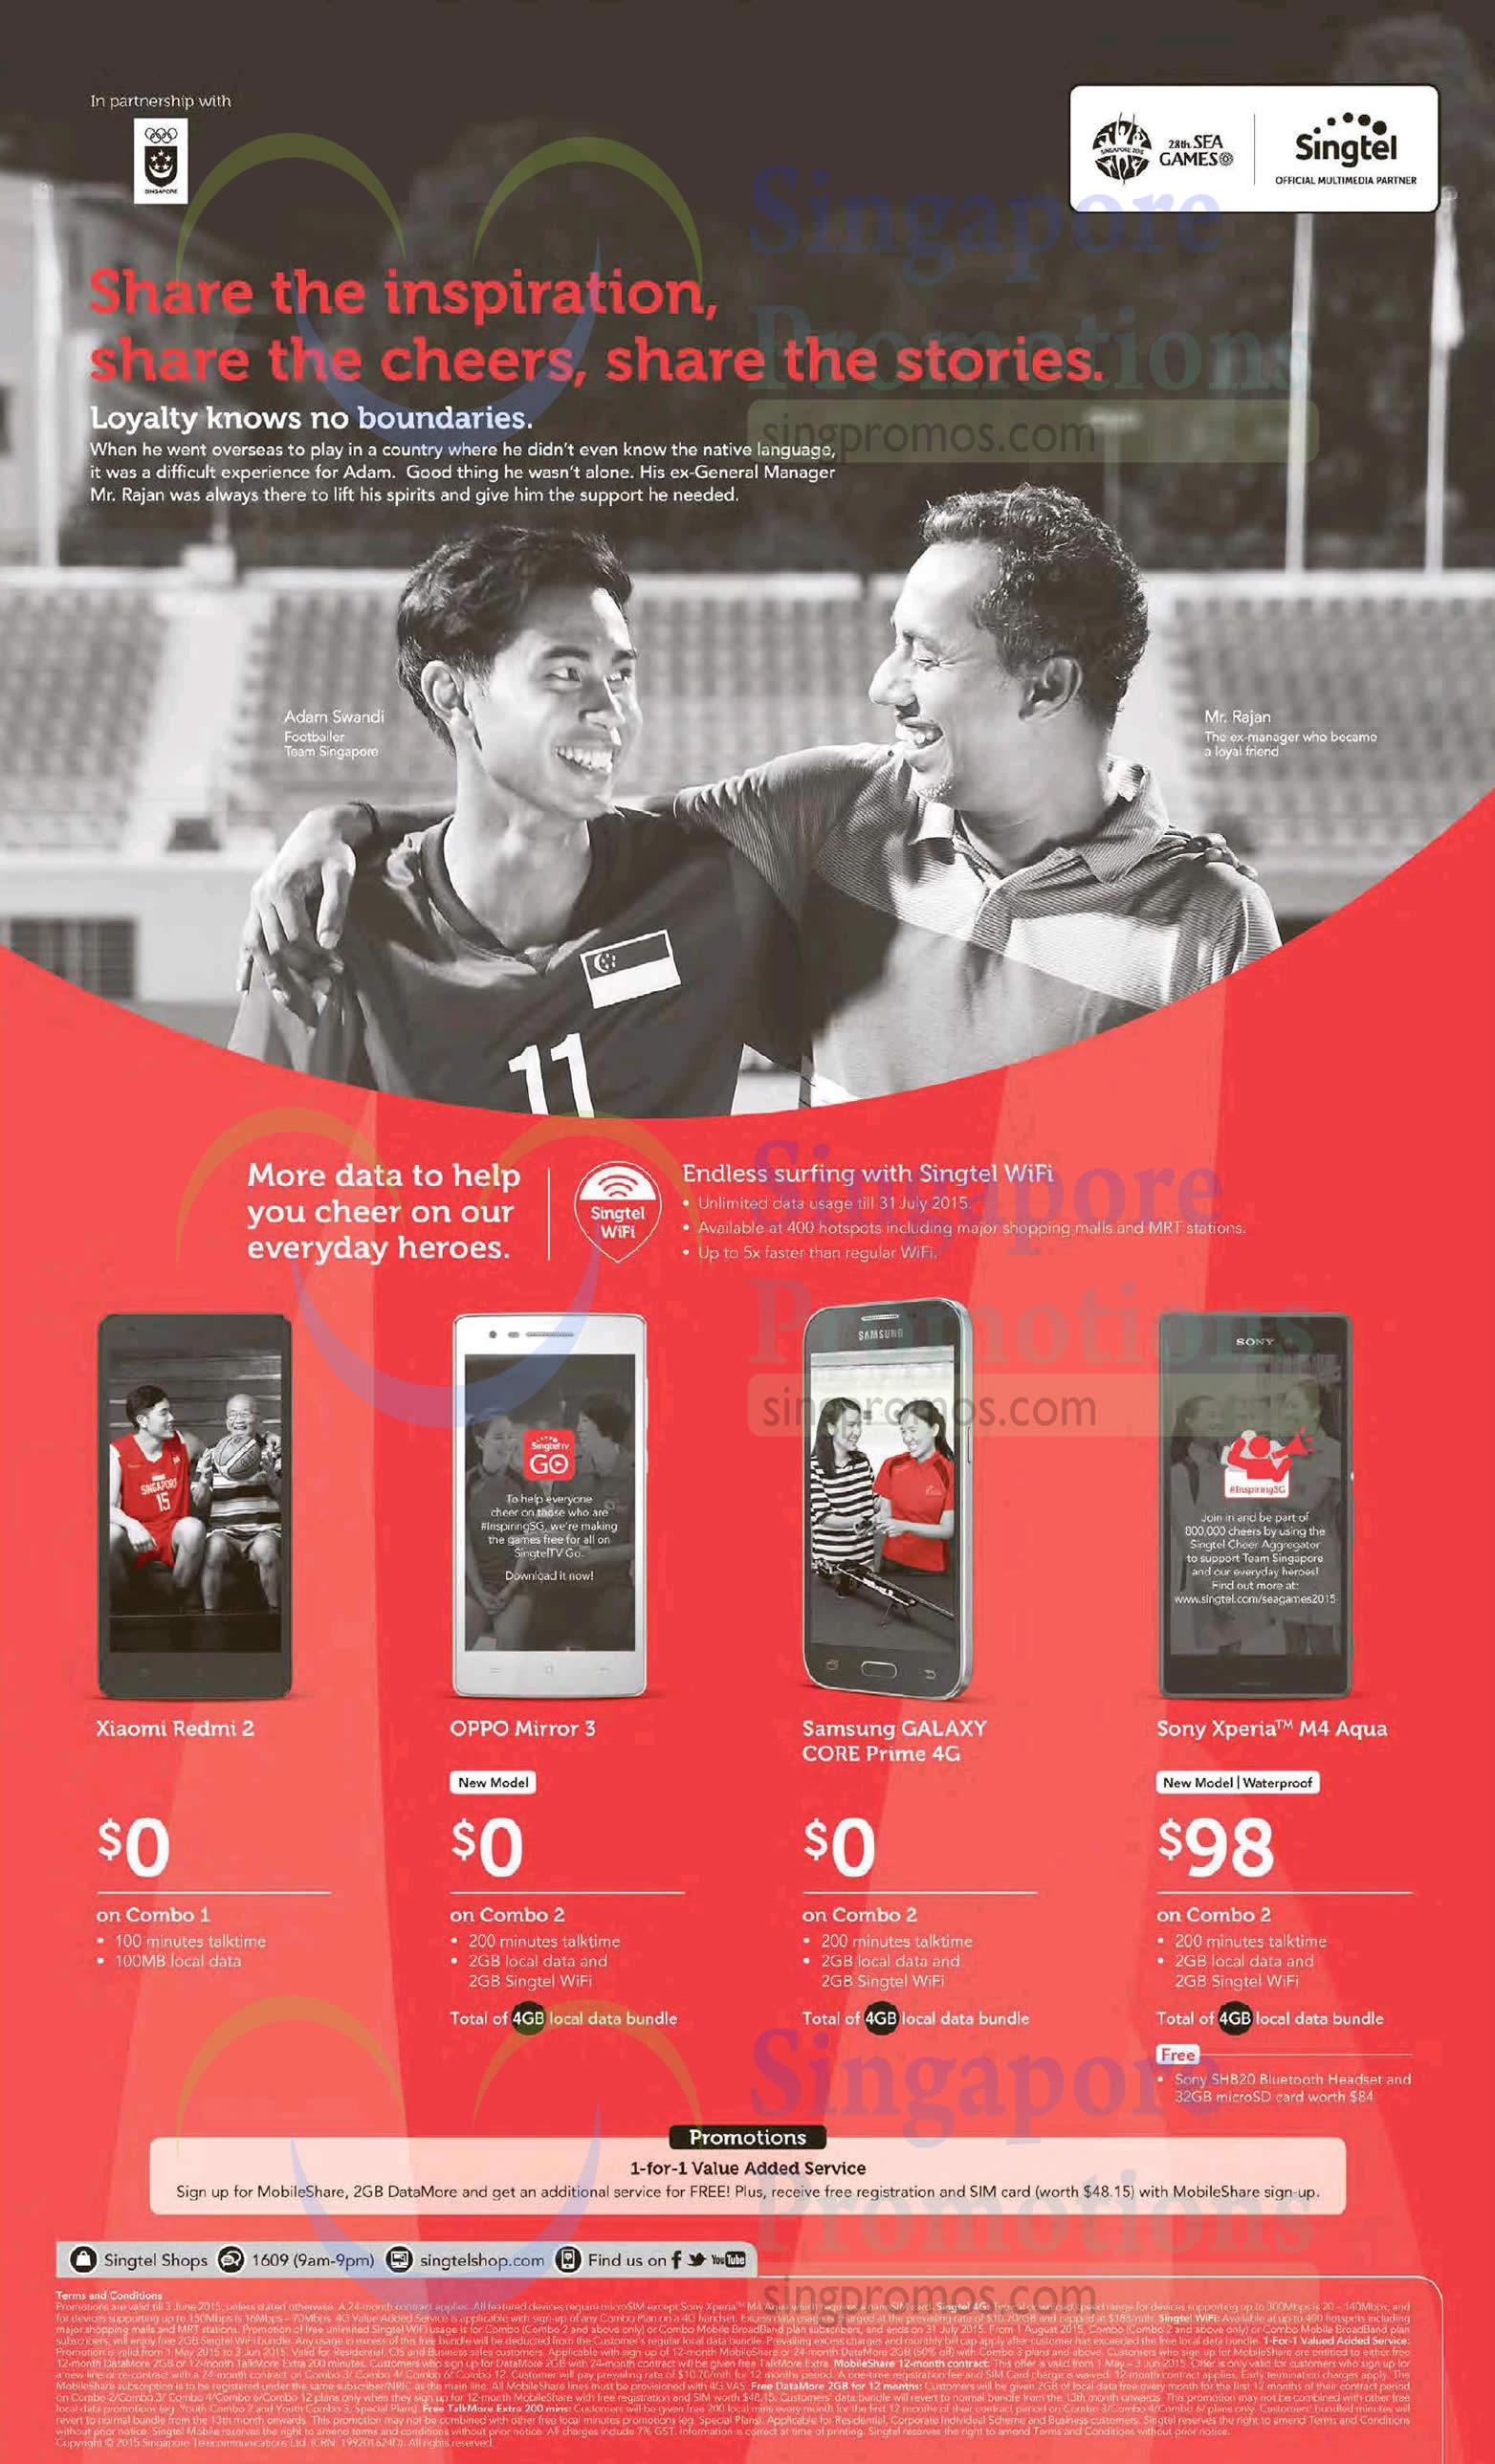 Xiaomi Redmi 2, Oppo Mirror 3, Samsung Galaxy Core Prime 4G, Sony Xperia M4 Aqua